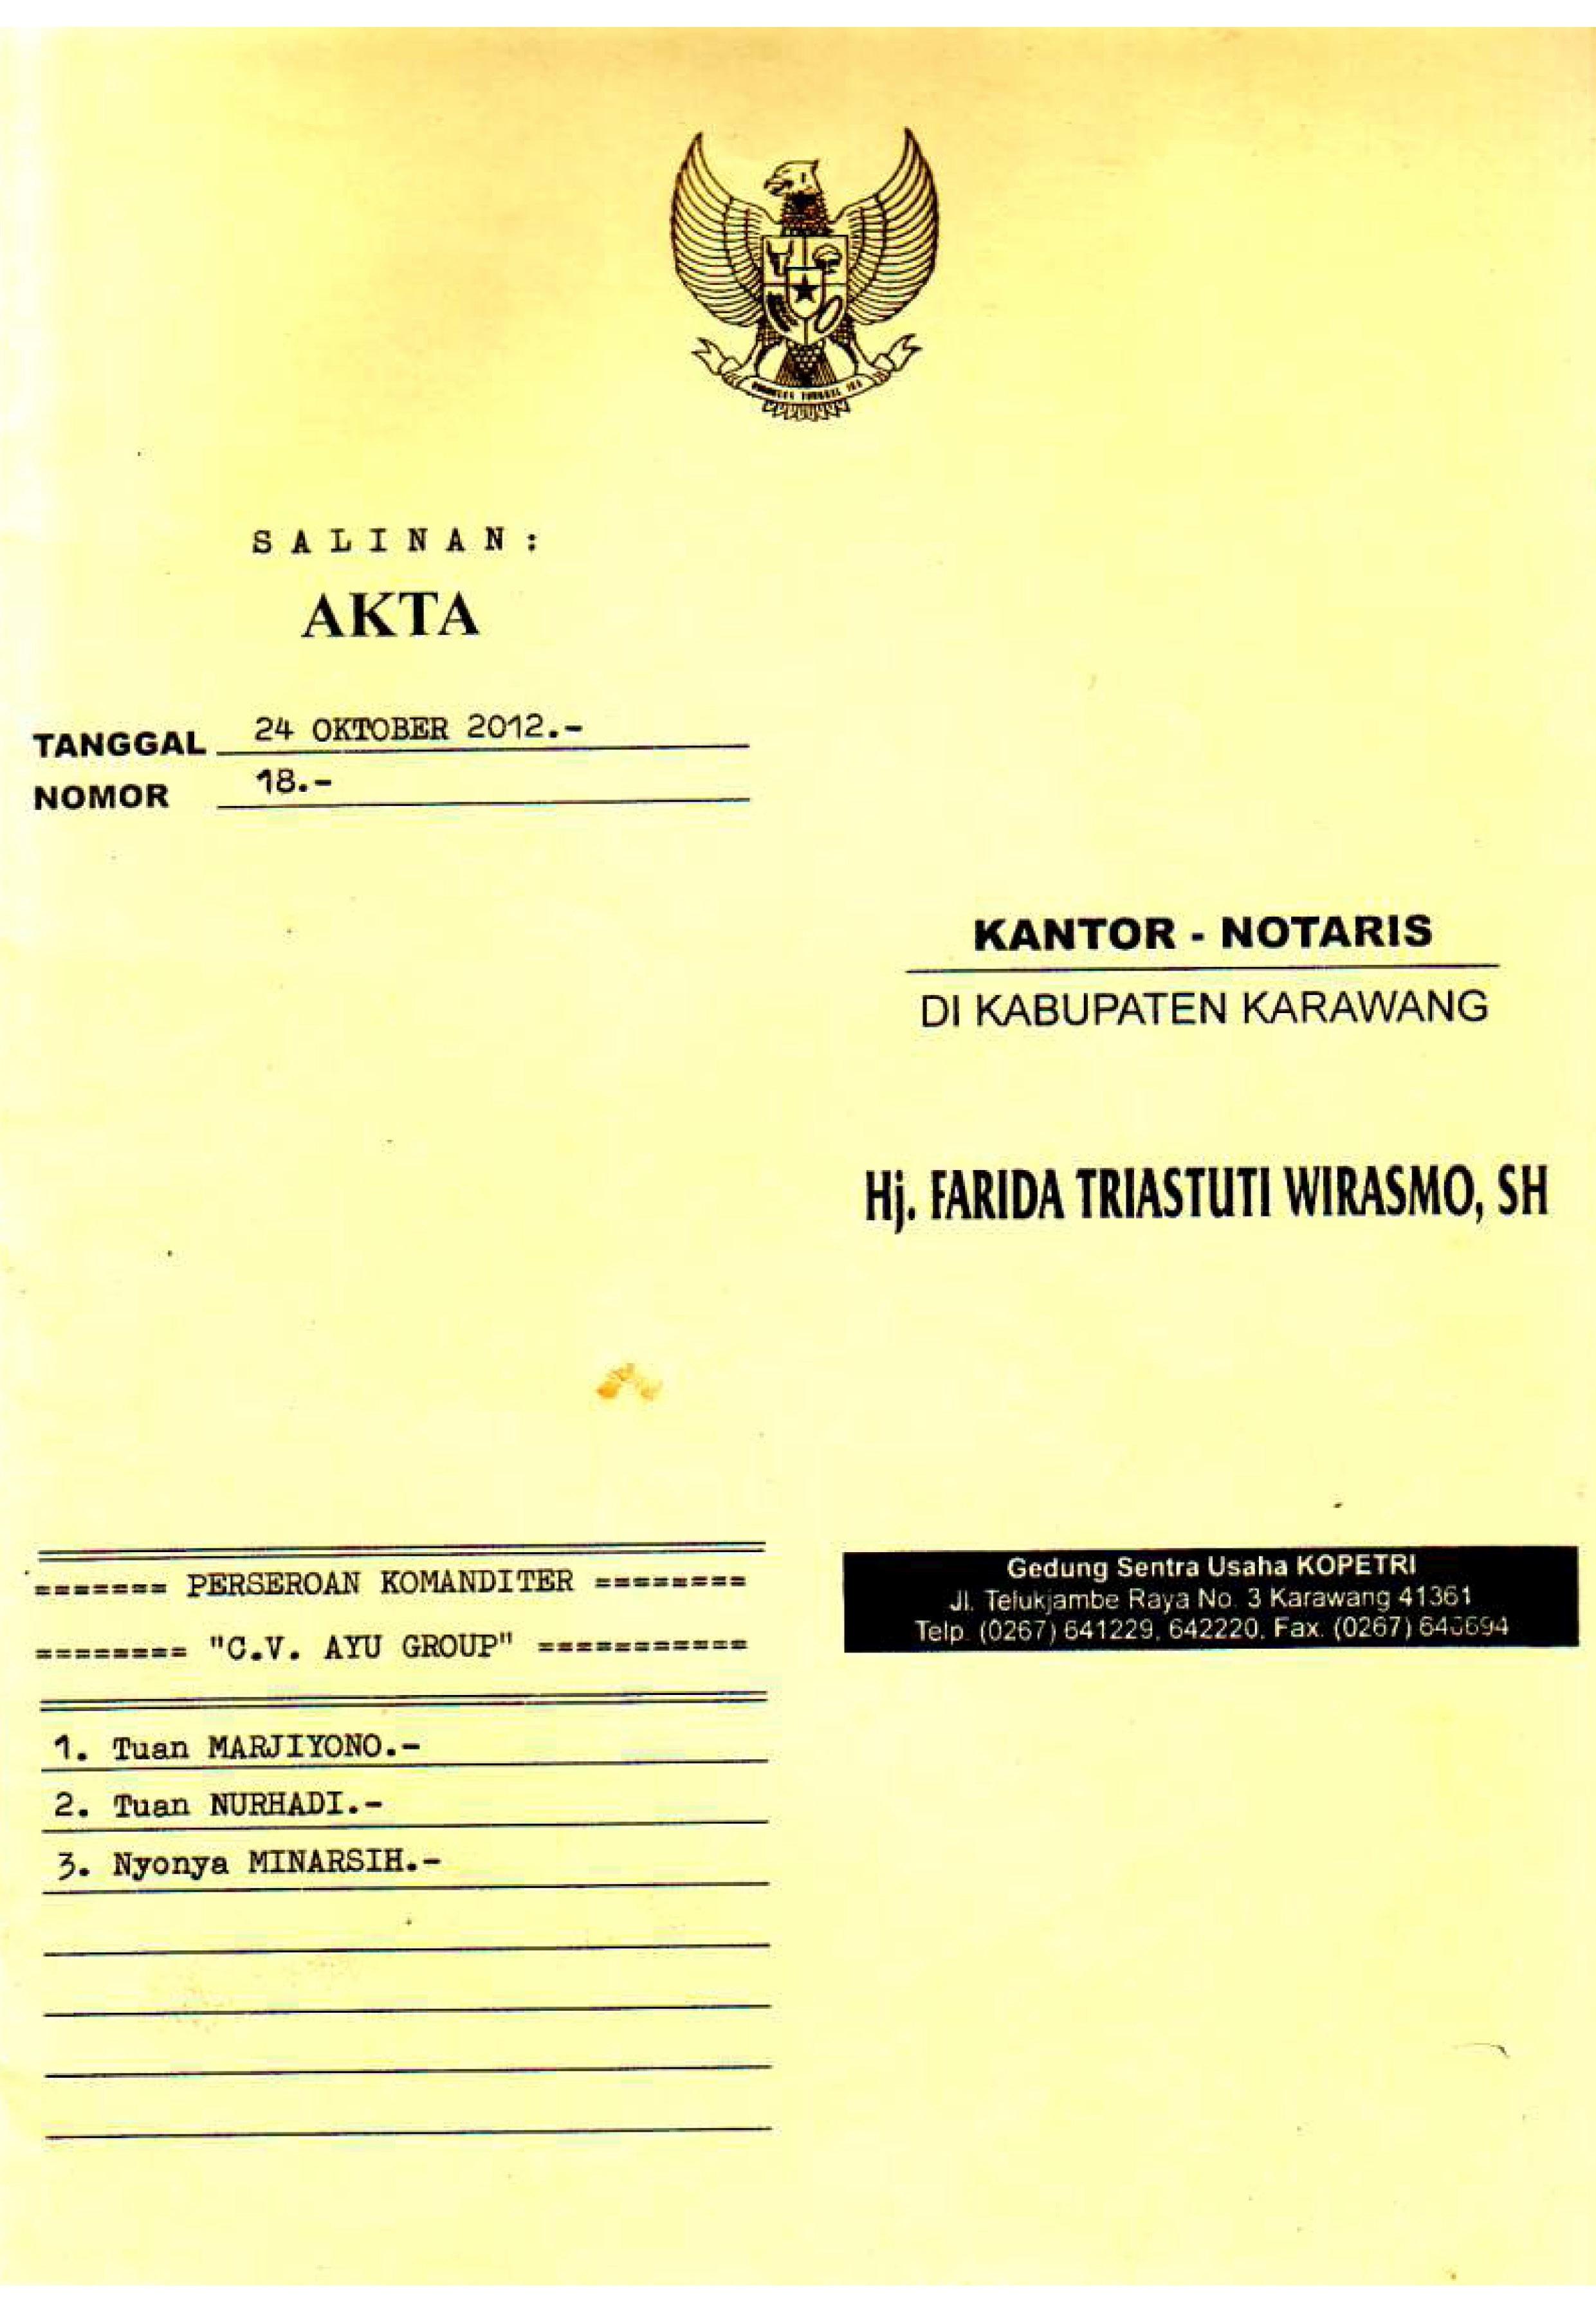 Dokumen Legalitas CV Ayu Group AKta Notaris 1